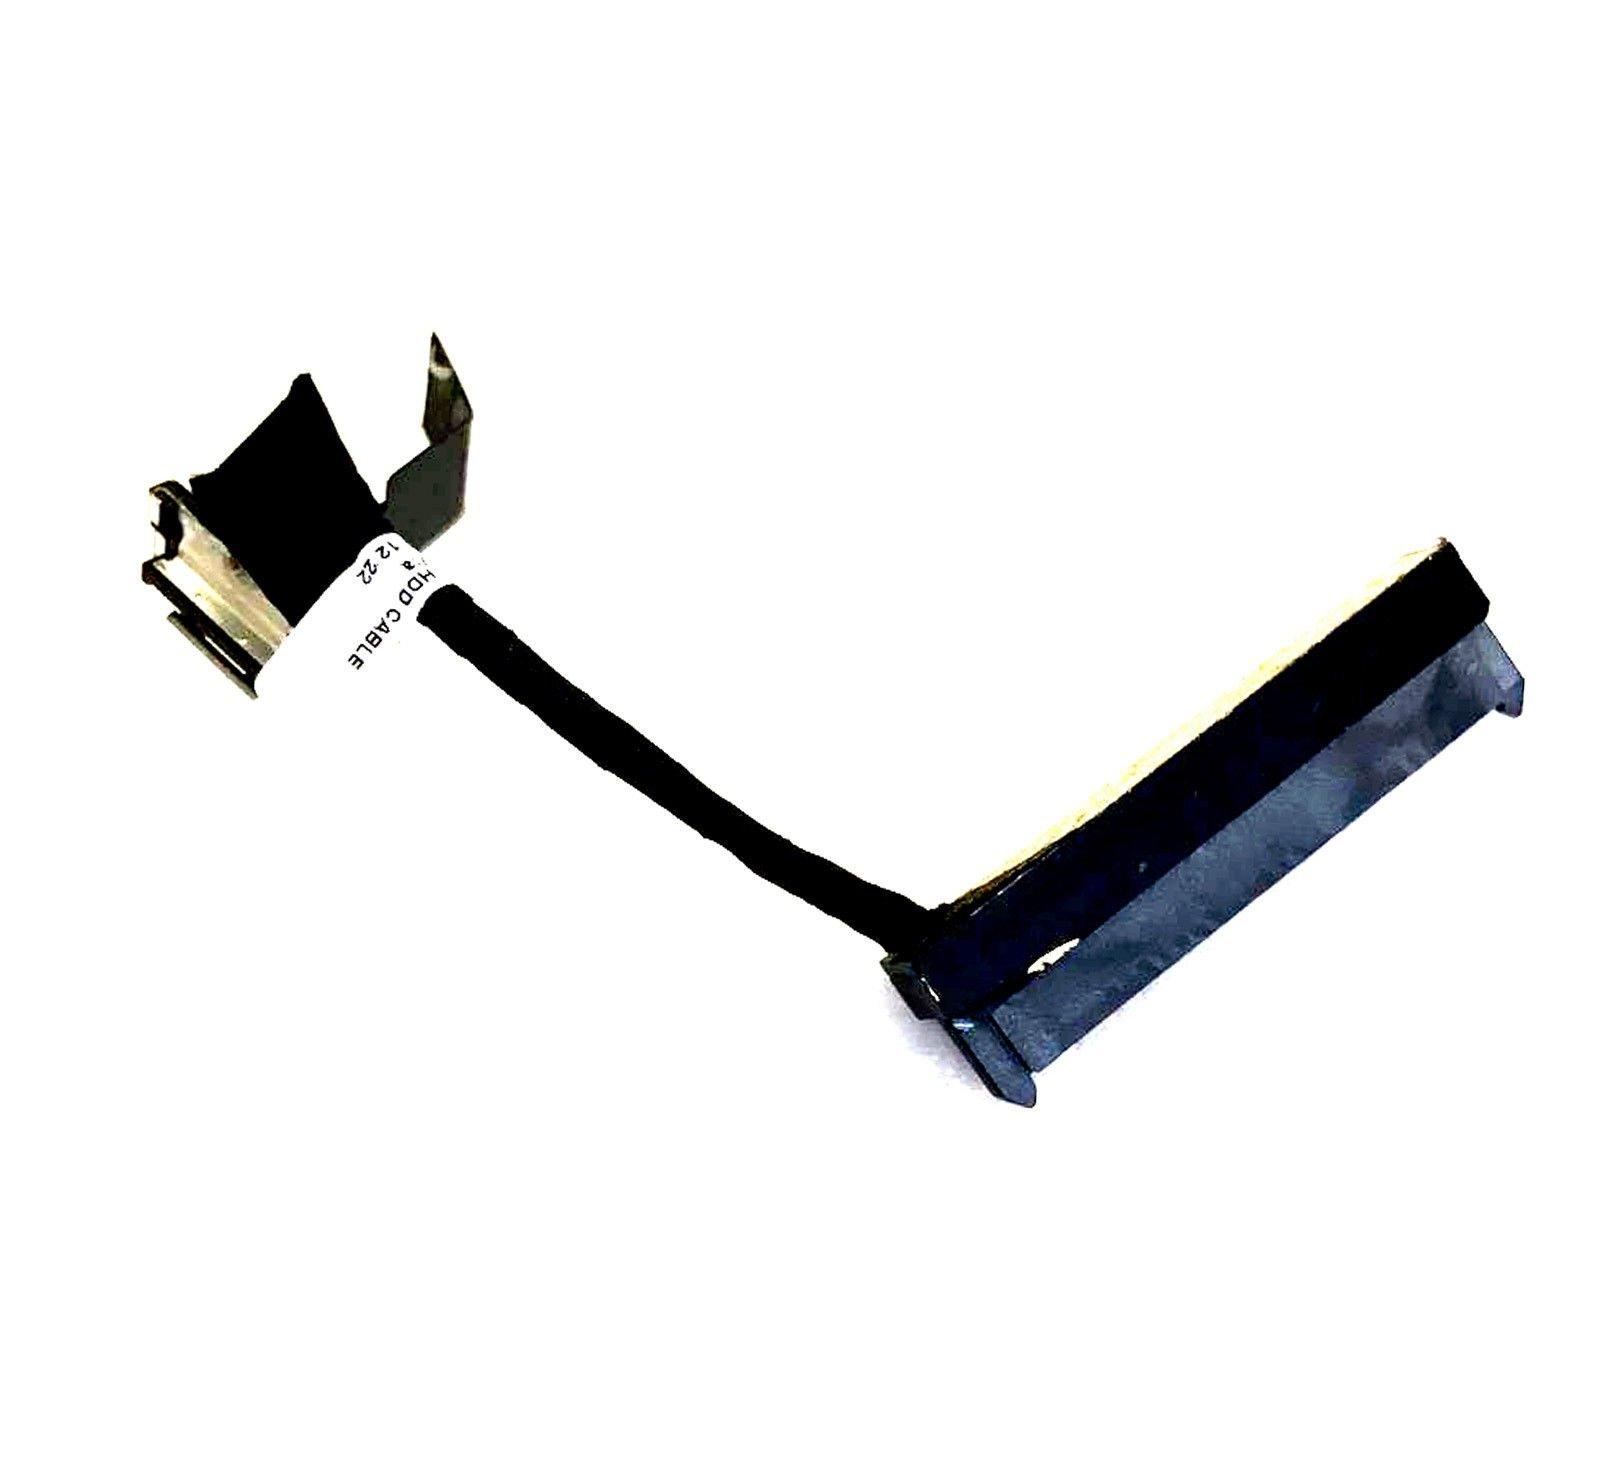 Cable Flex SATA para HP DV6-7000 DV7-7000 DV7-7100 DV7t-7000